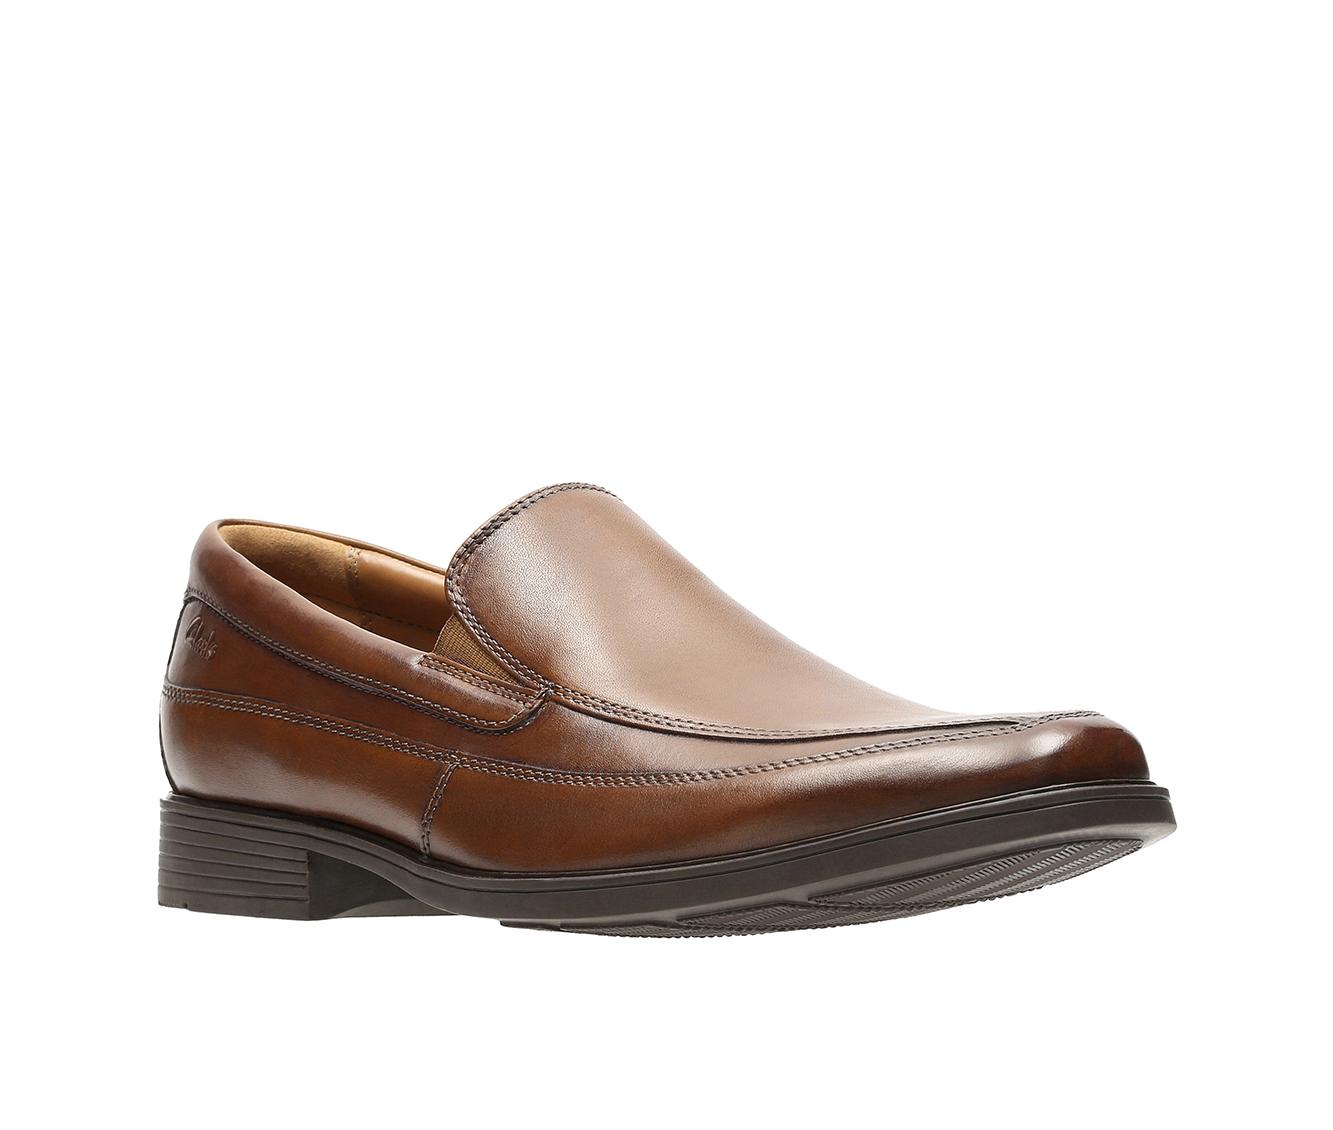 Men's Clarks Tilden Free Loafers